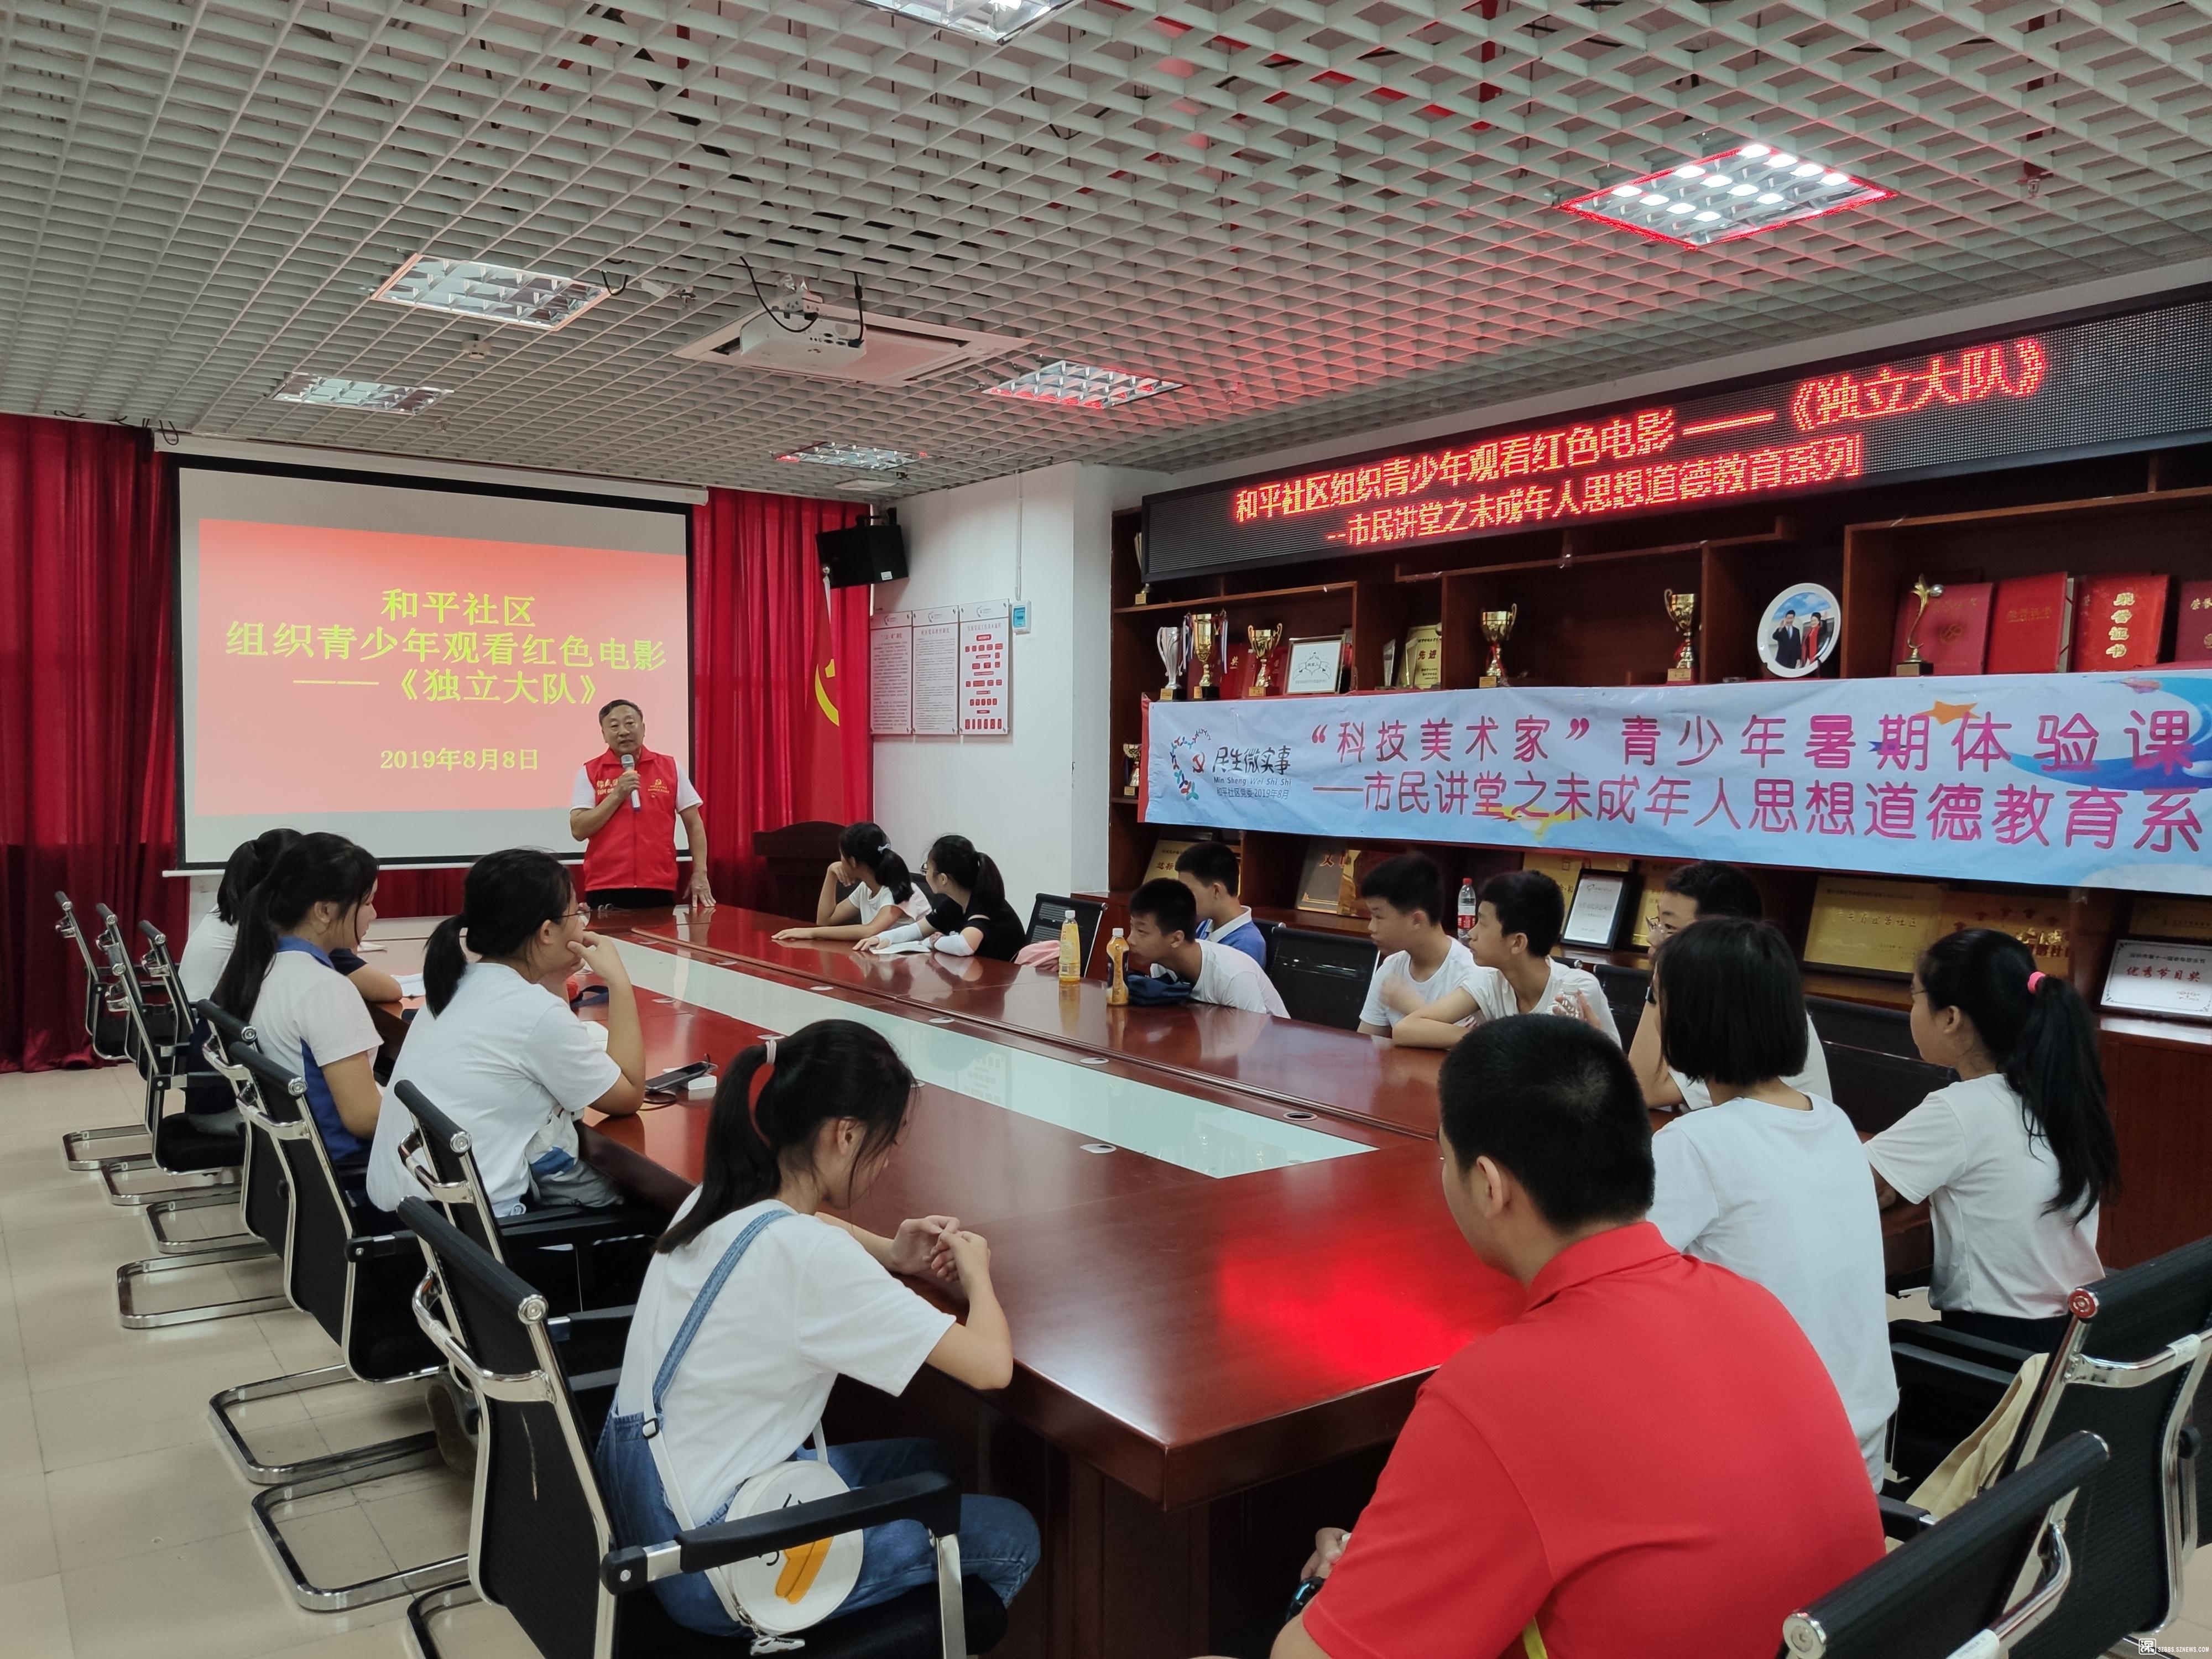 和平社区组织青少年观看红色电影——《独立大队》.jpg